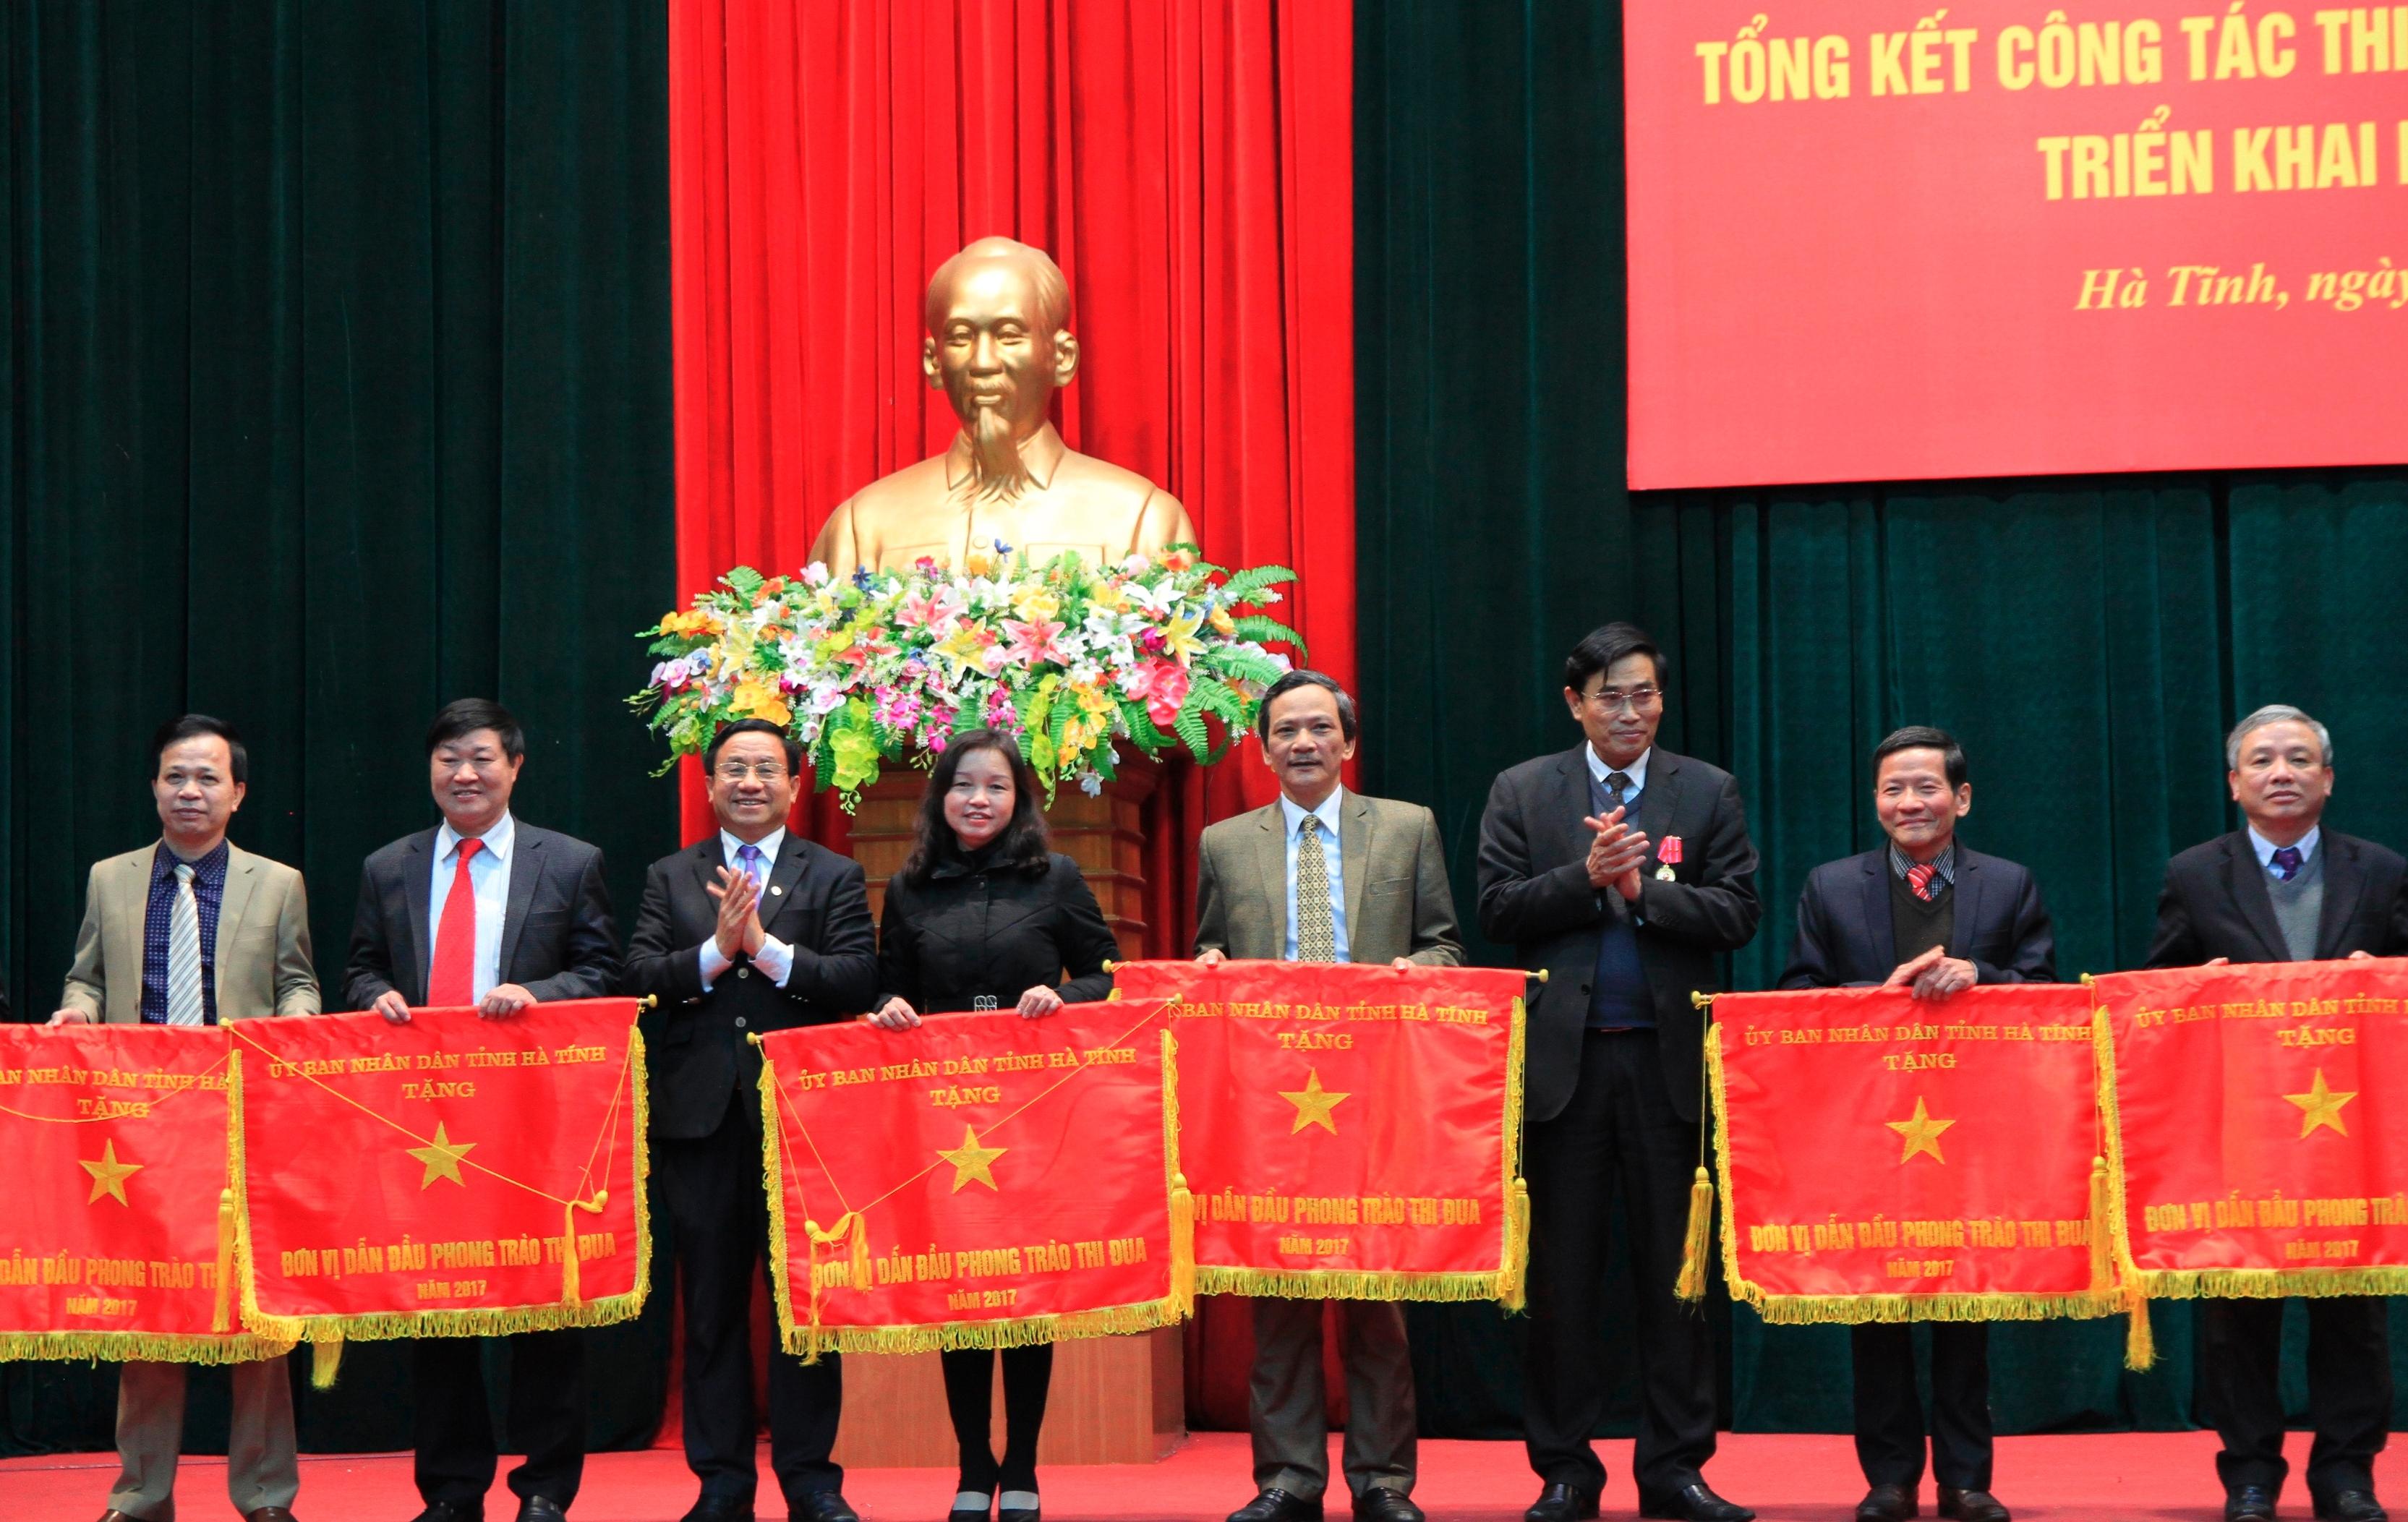 Hà Tĩnh tổng kết công tác thi đua khen thưởng năm 2017